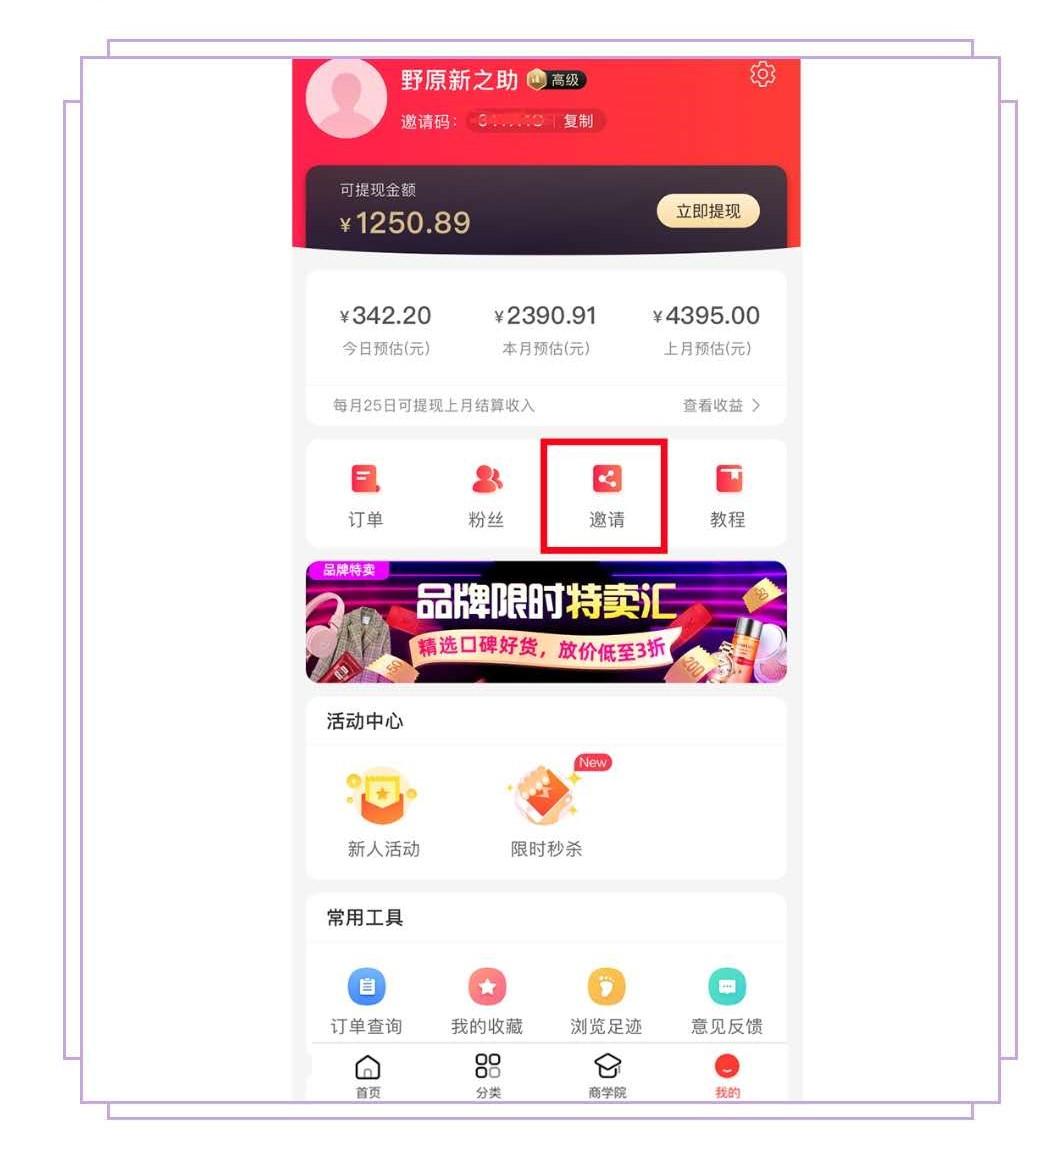 邻家小惠app如何邀请好友注册